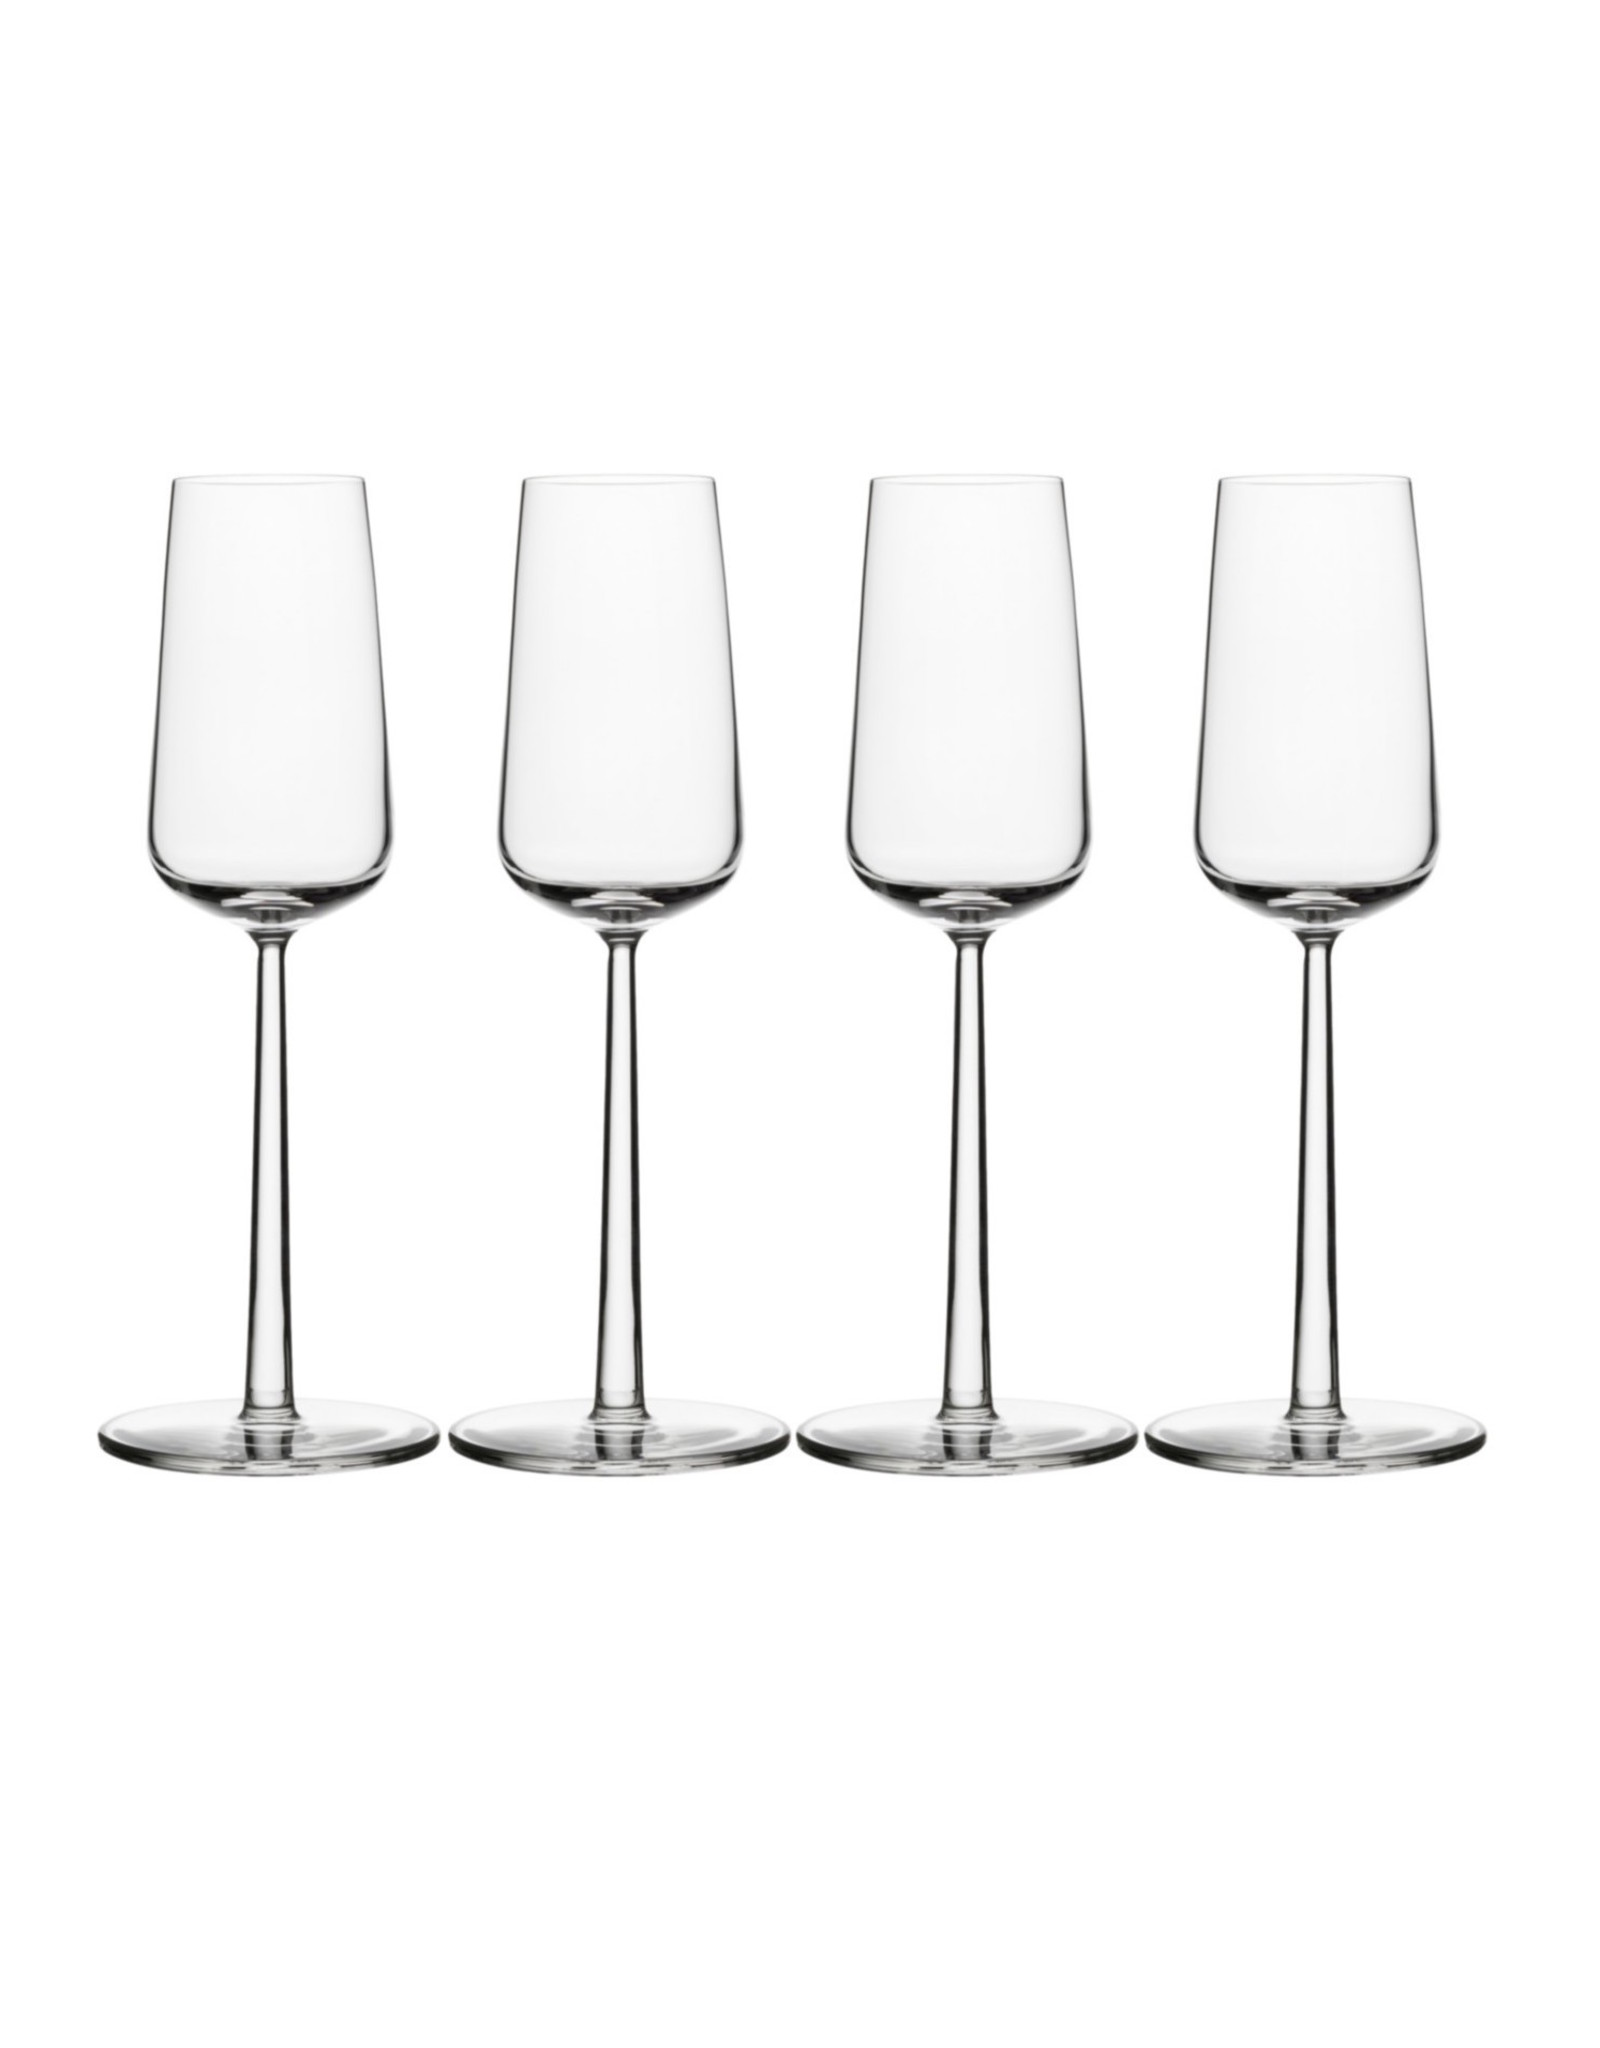 Iittala Iittala - Essence - Champagneglas - 6 stuks